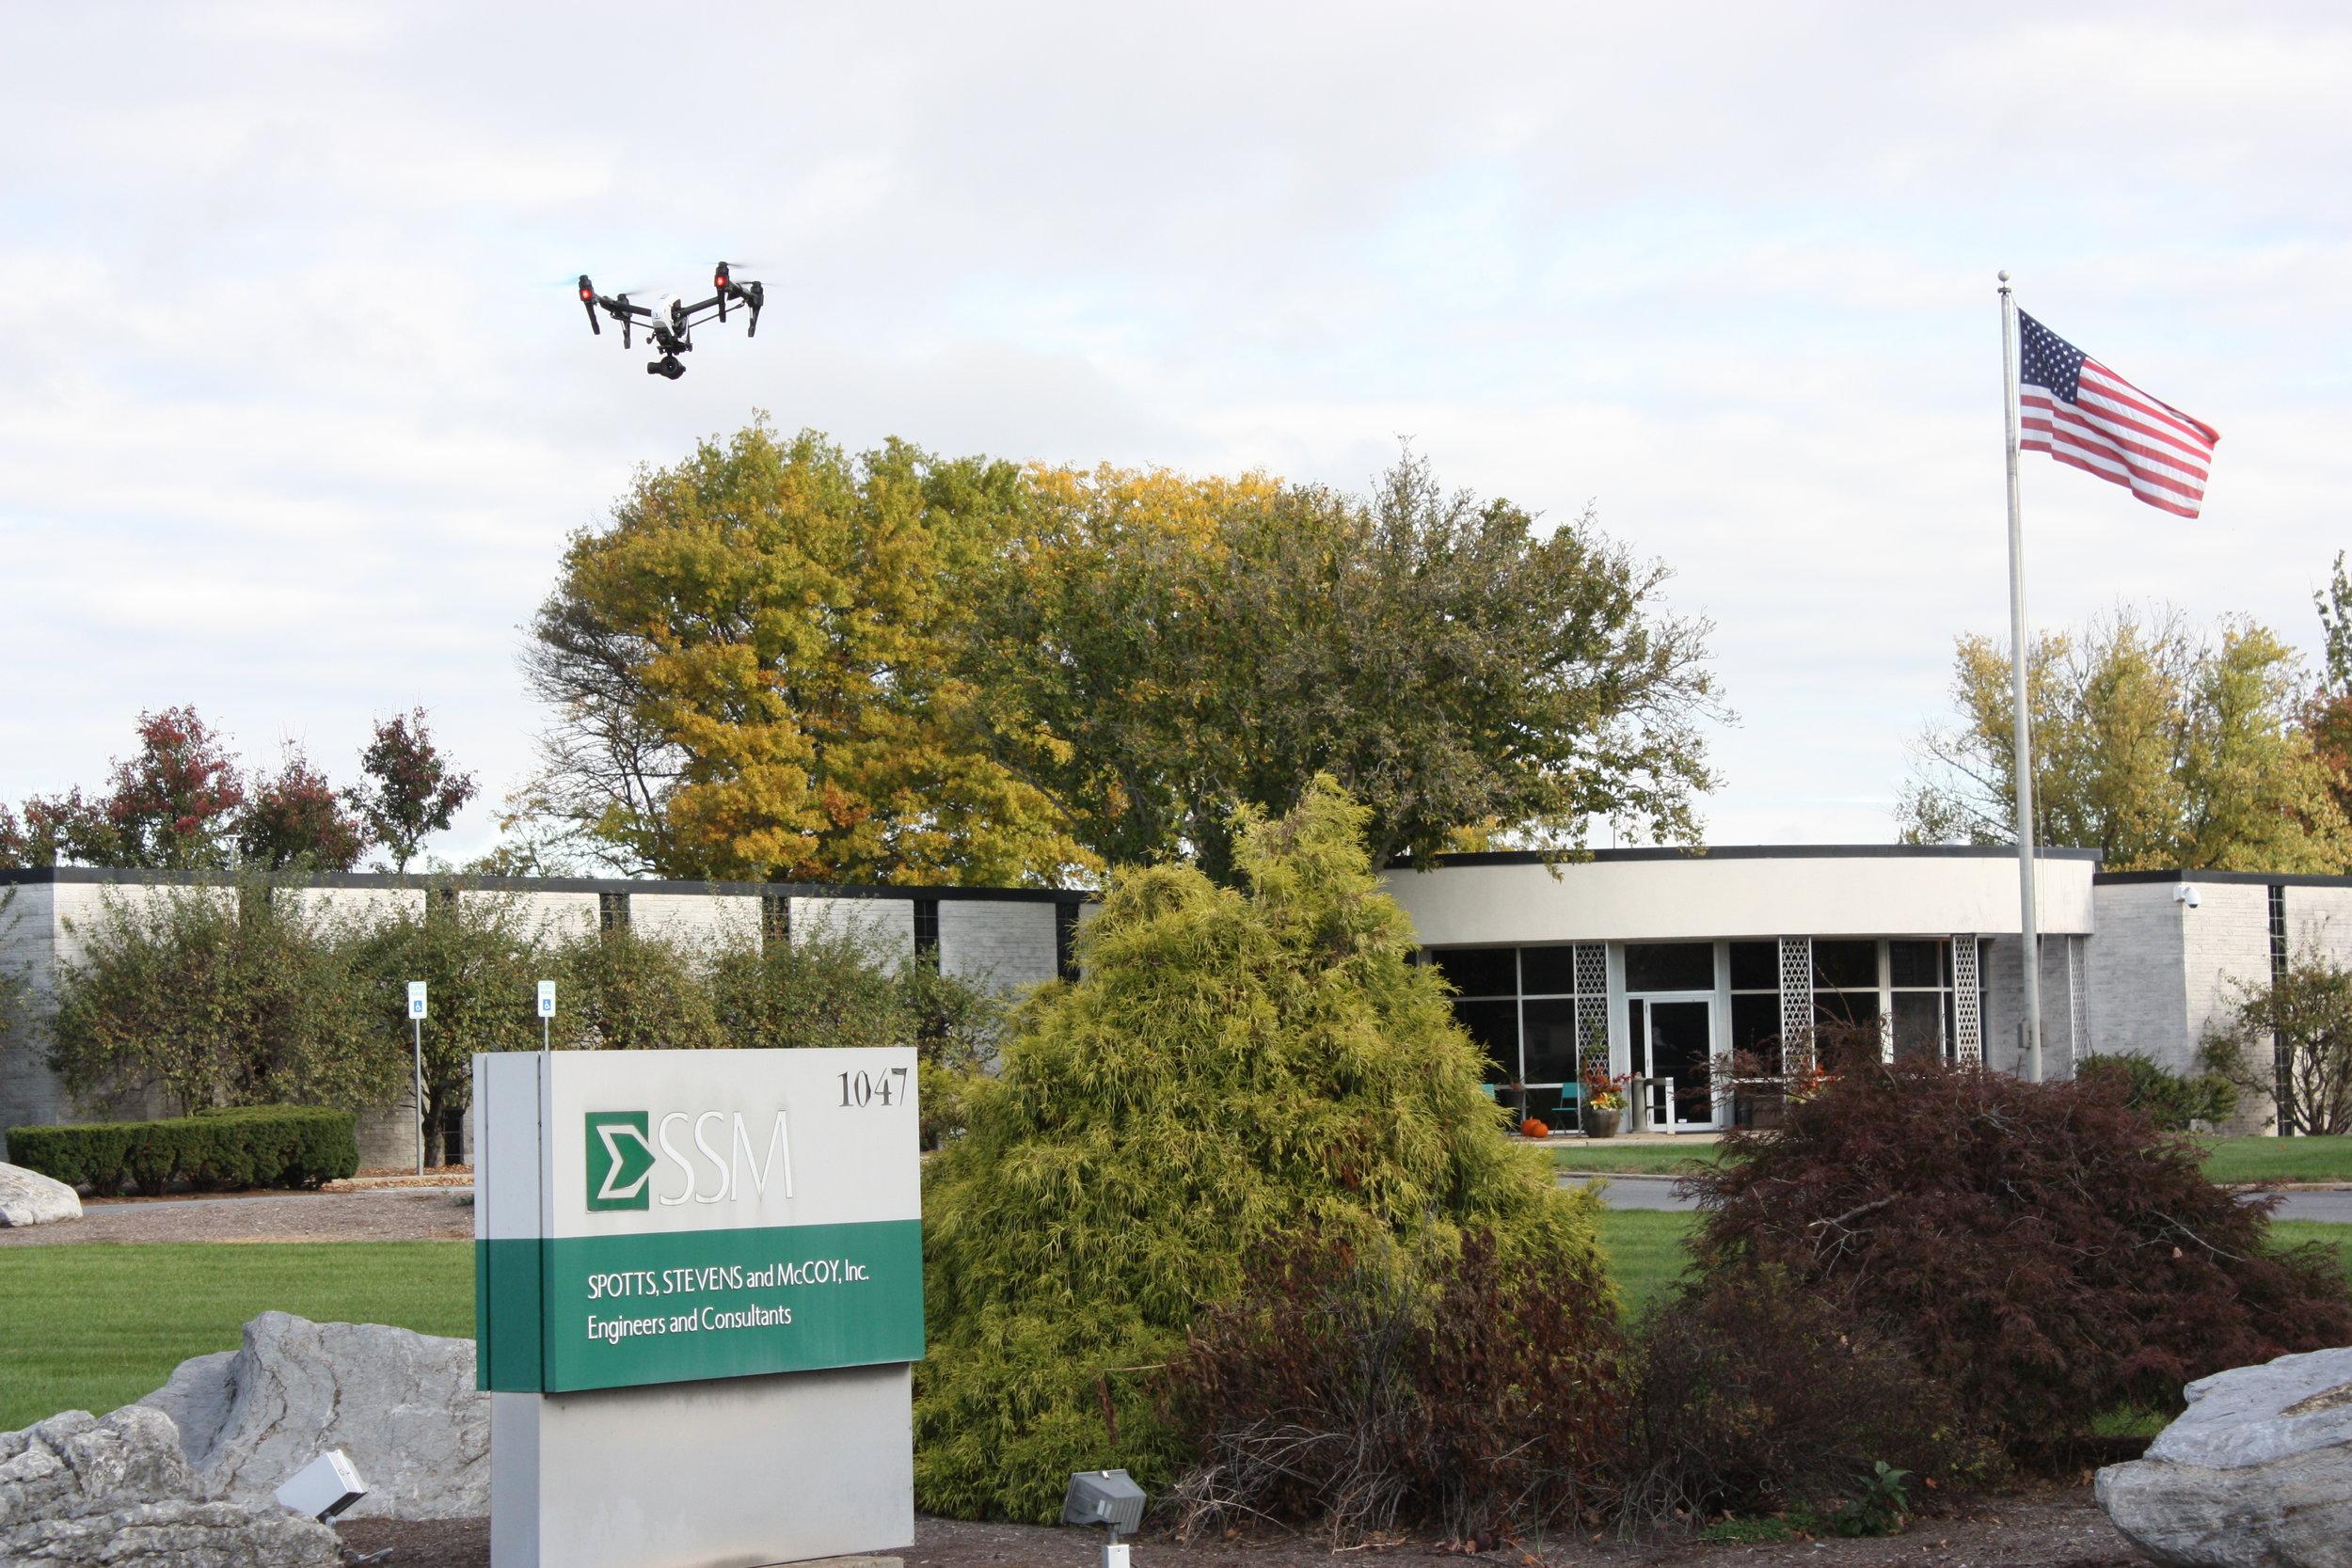 Drone Spotts Stevens McCoy